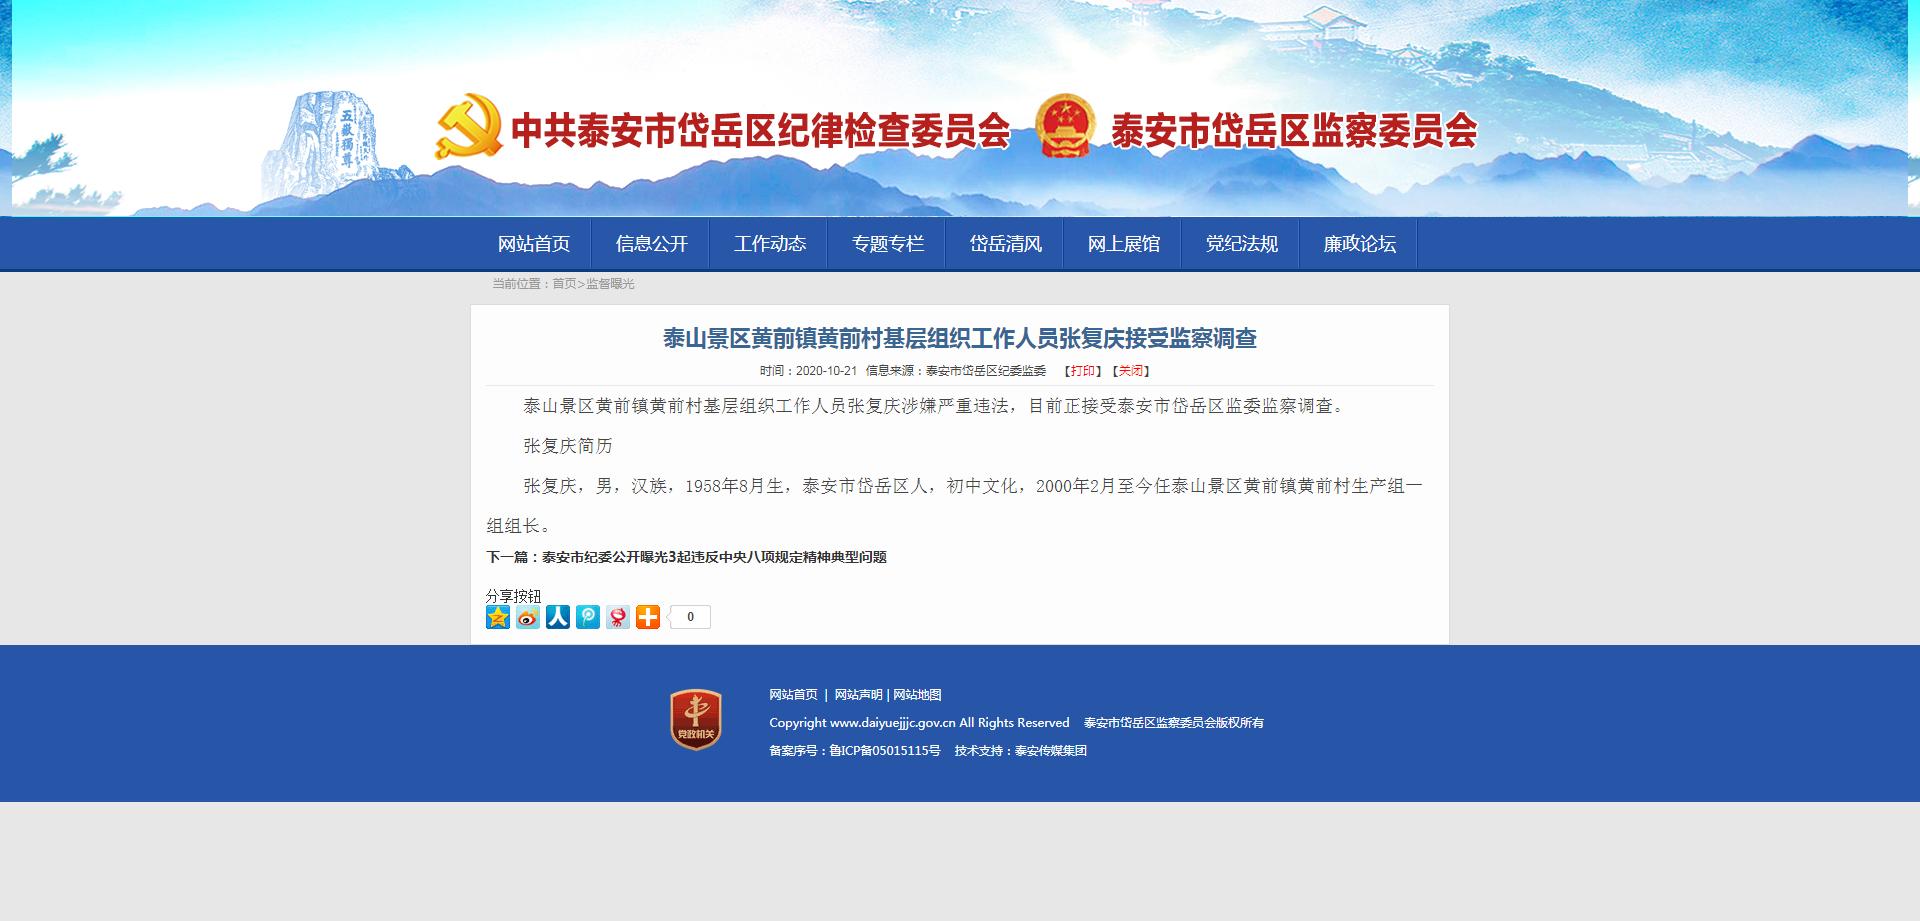 泰山景区黄前镇黄前村基层组织工作人员张复庆接受监察调查